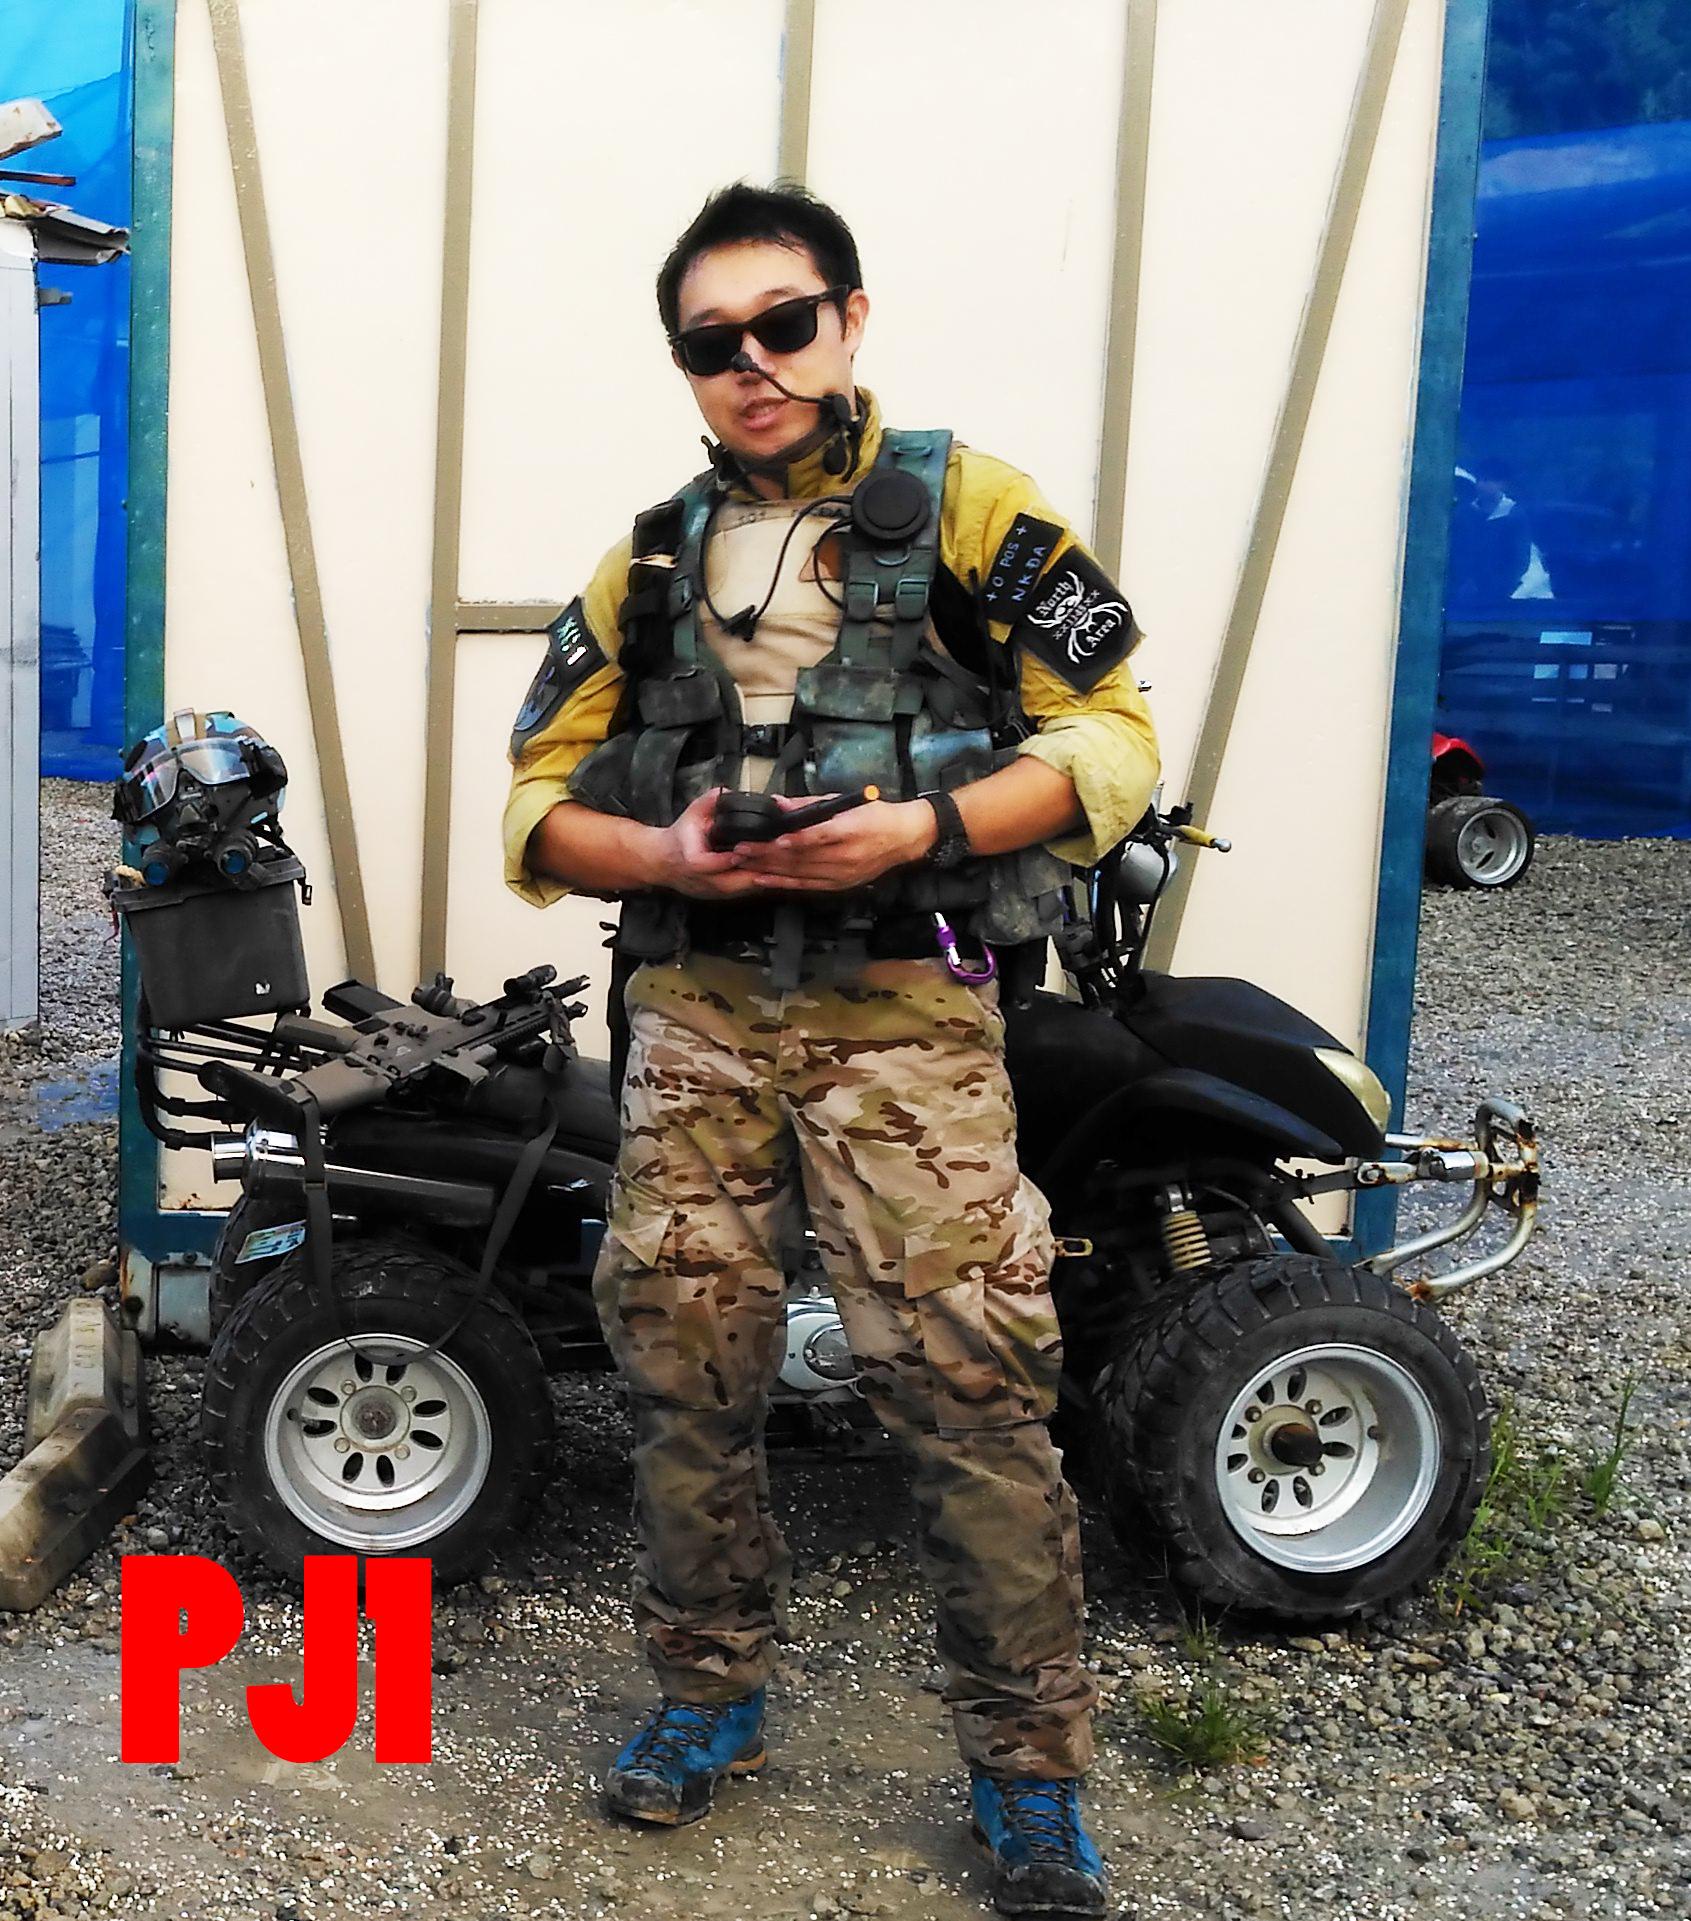 gear_pj1.jpg